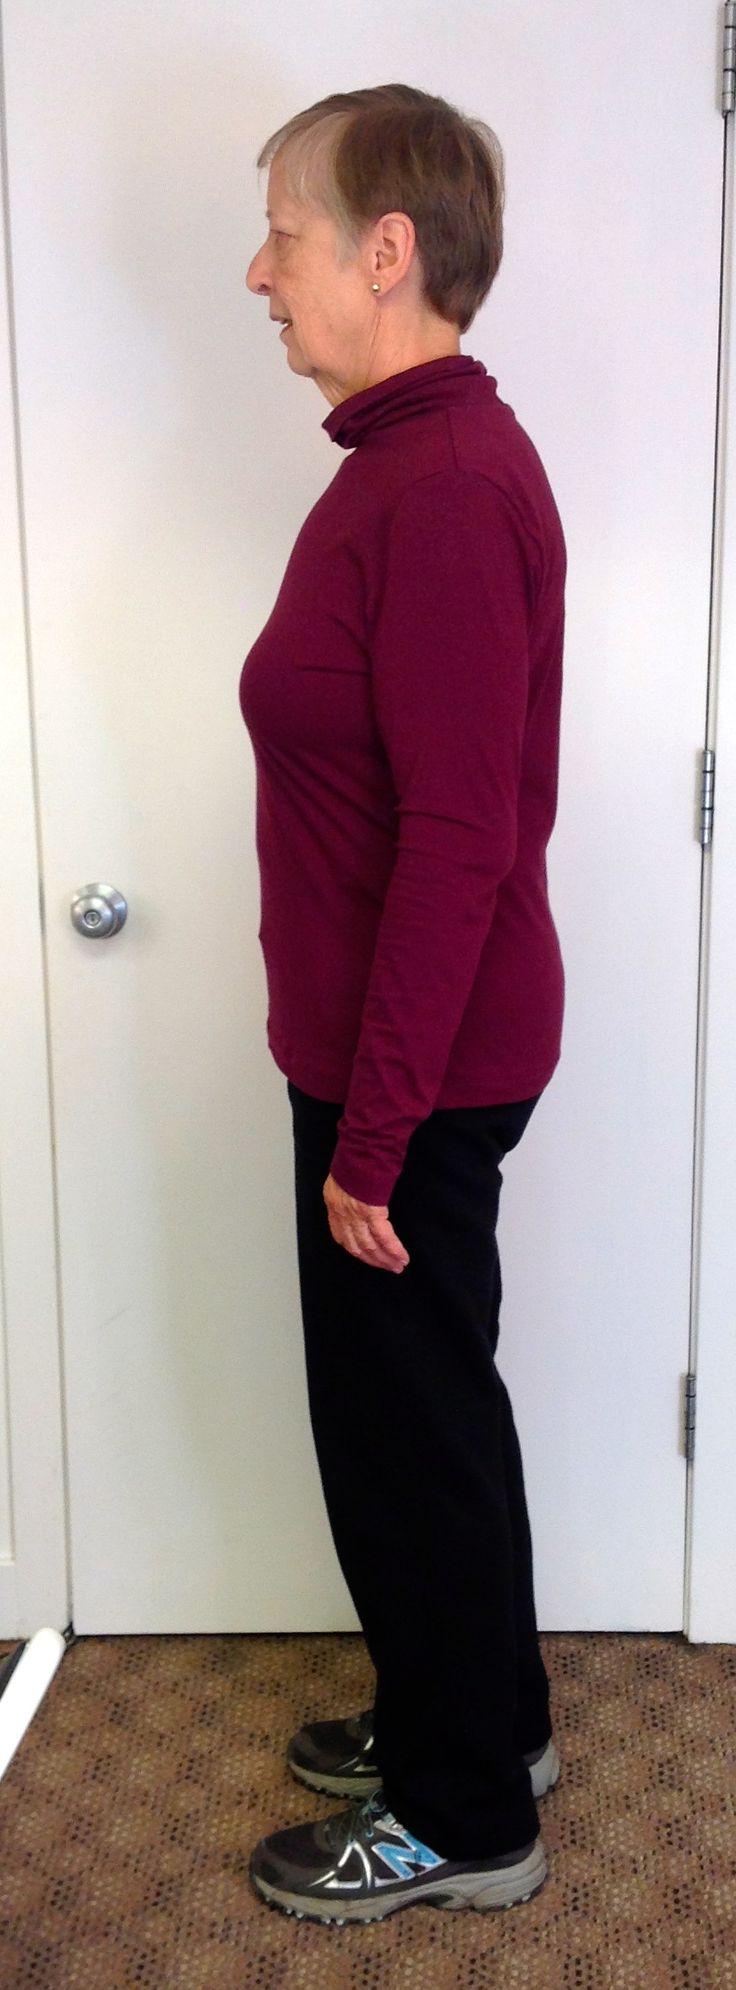 ideal weight loss center centerville ma